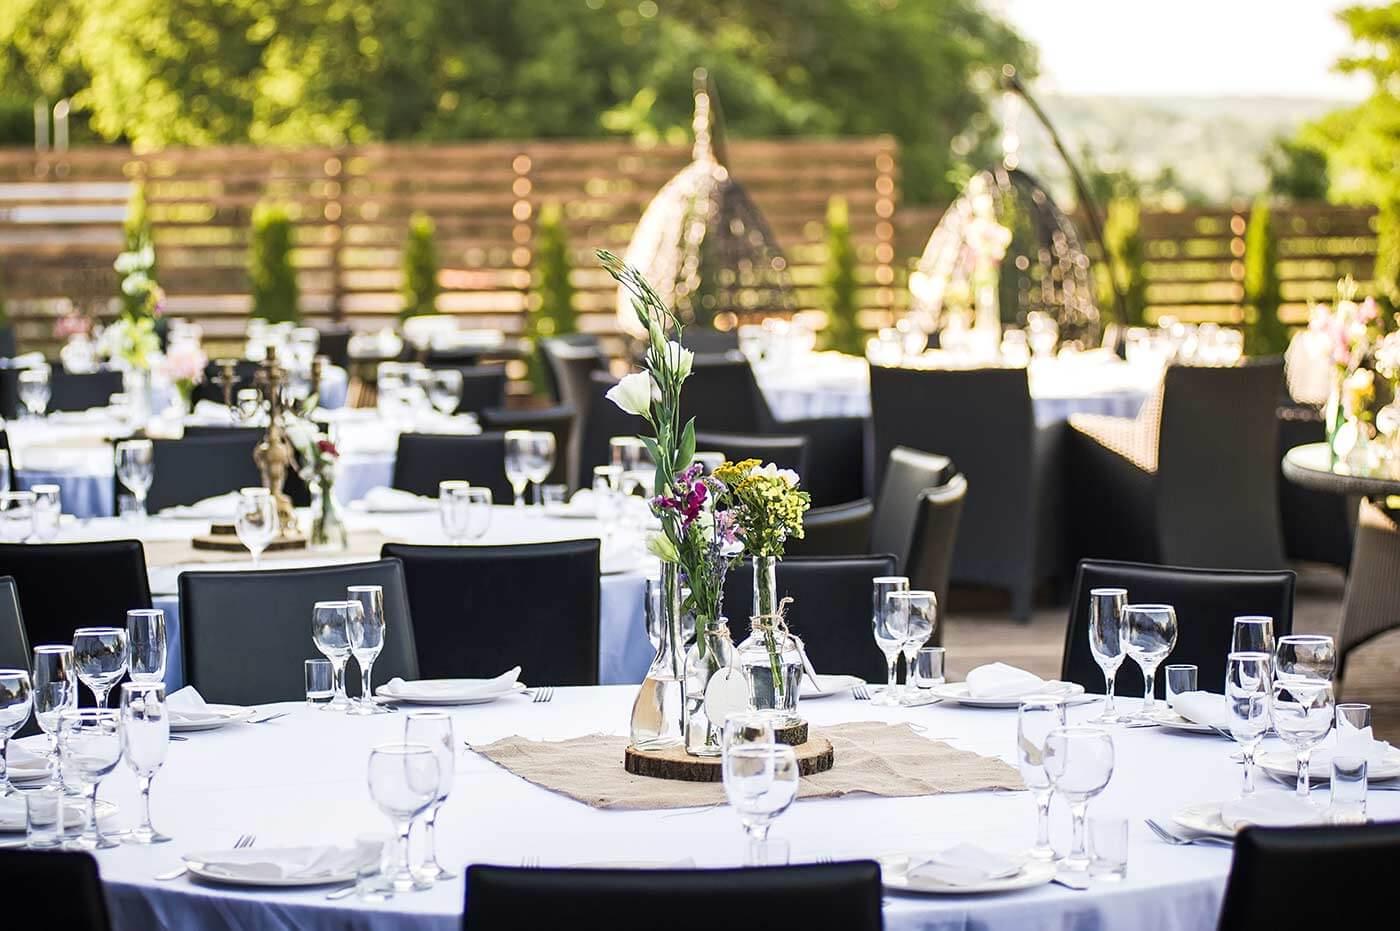 Hochzeitsdeko g nstig gro e bildergalerie mit anregungen - Tischdeko gunstig ...